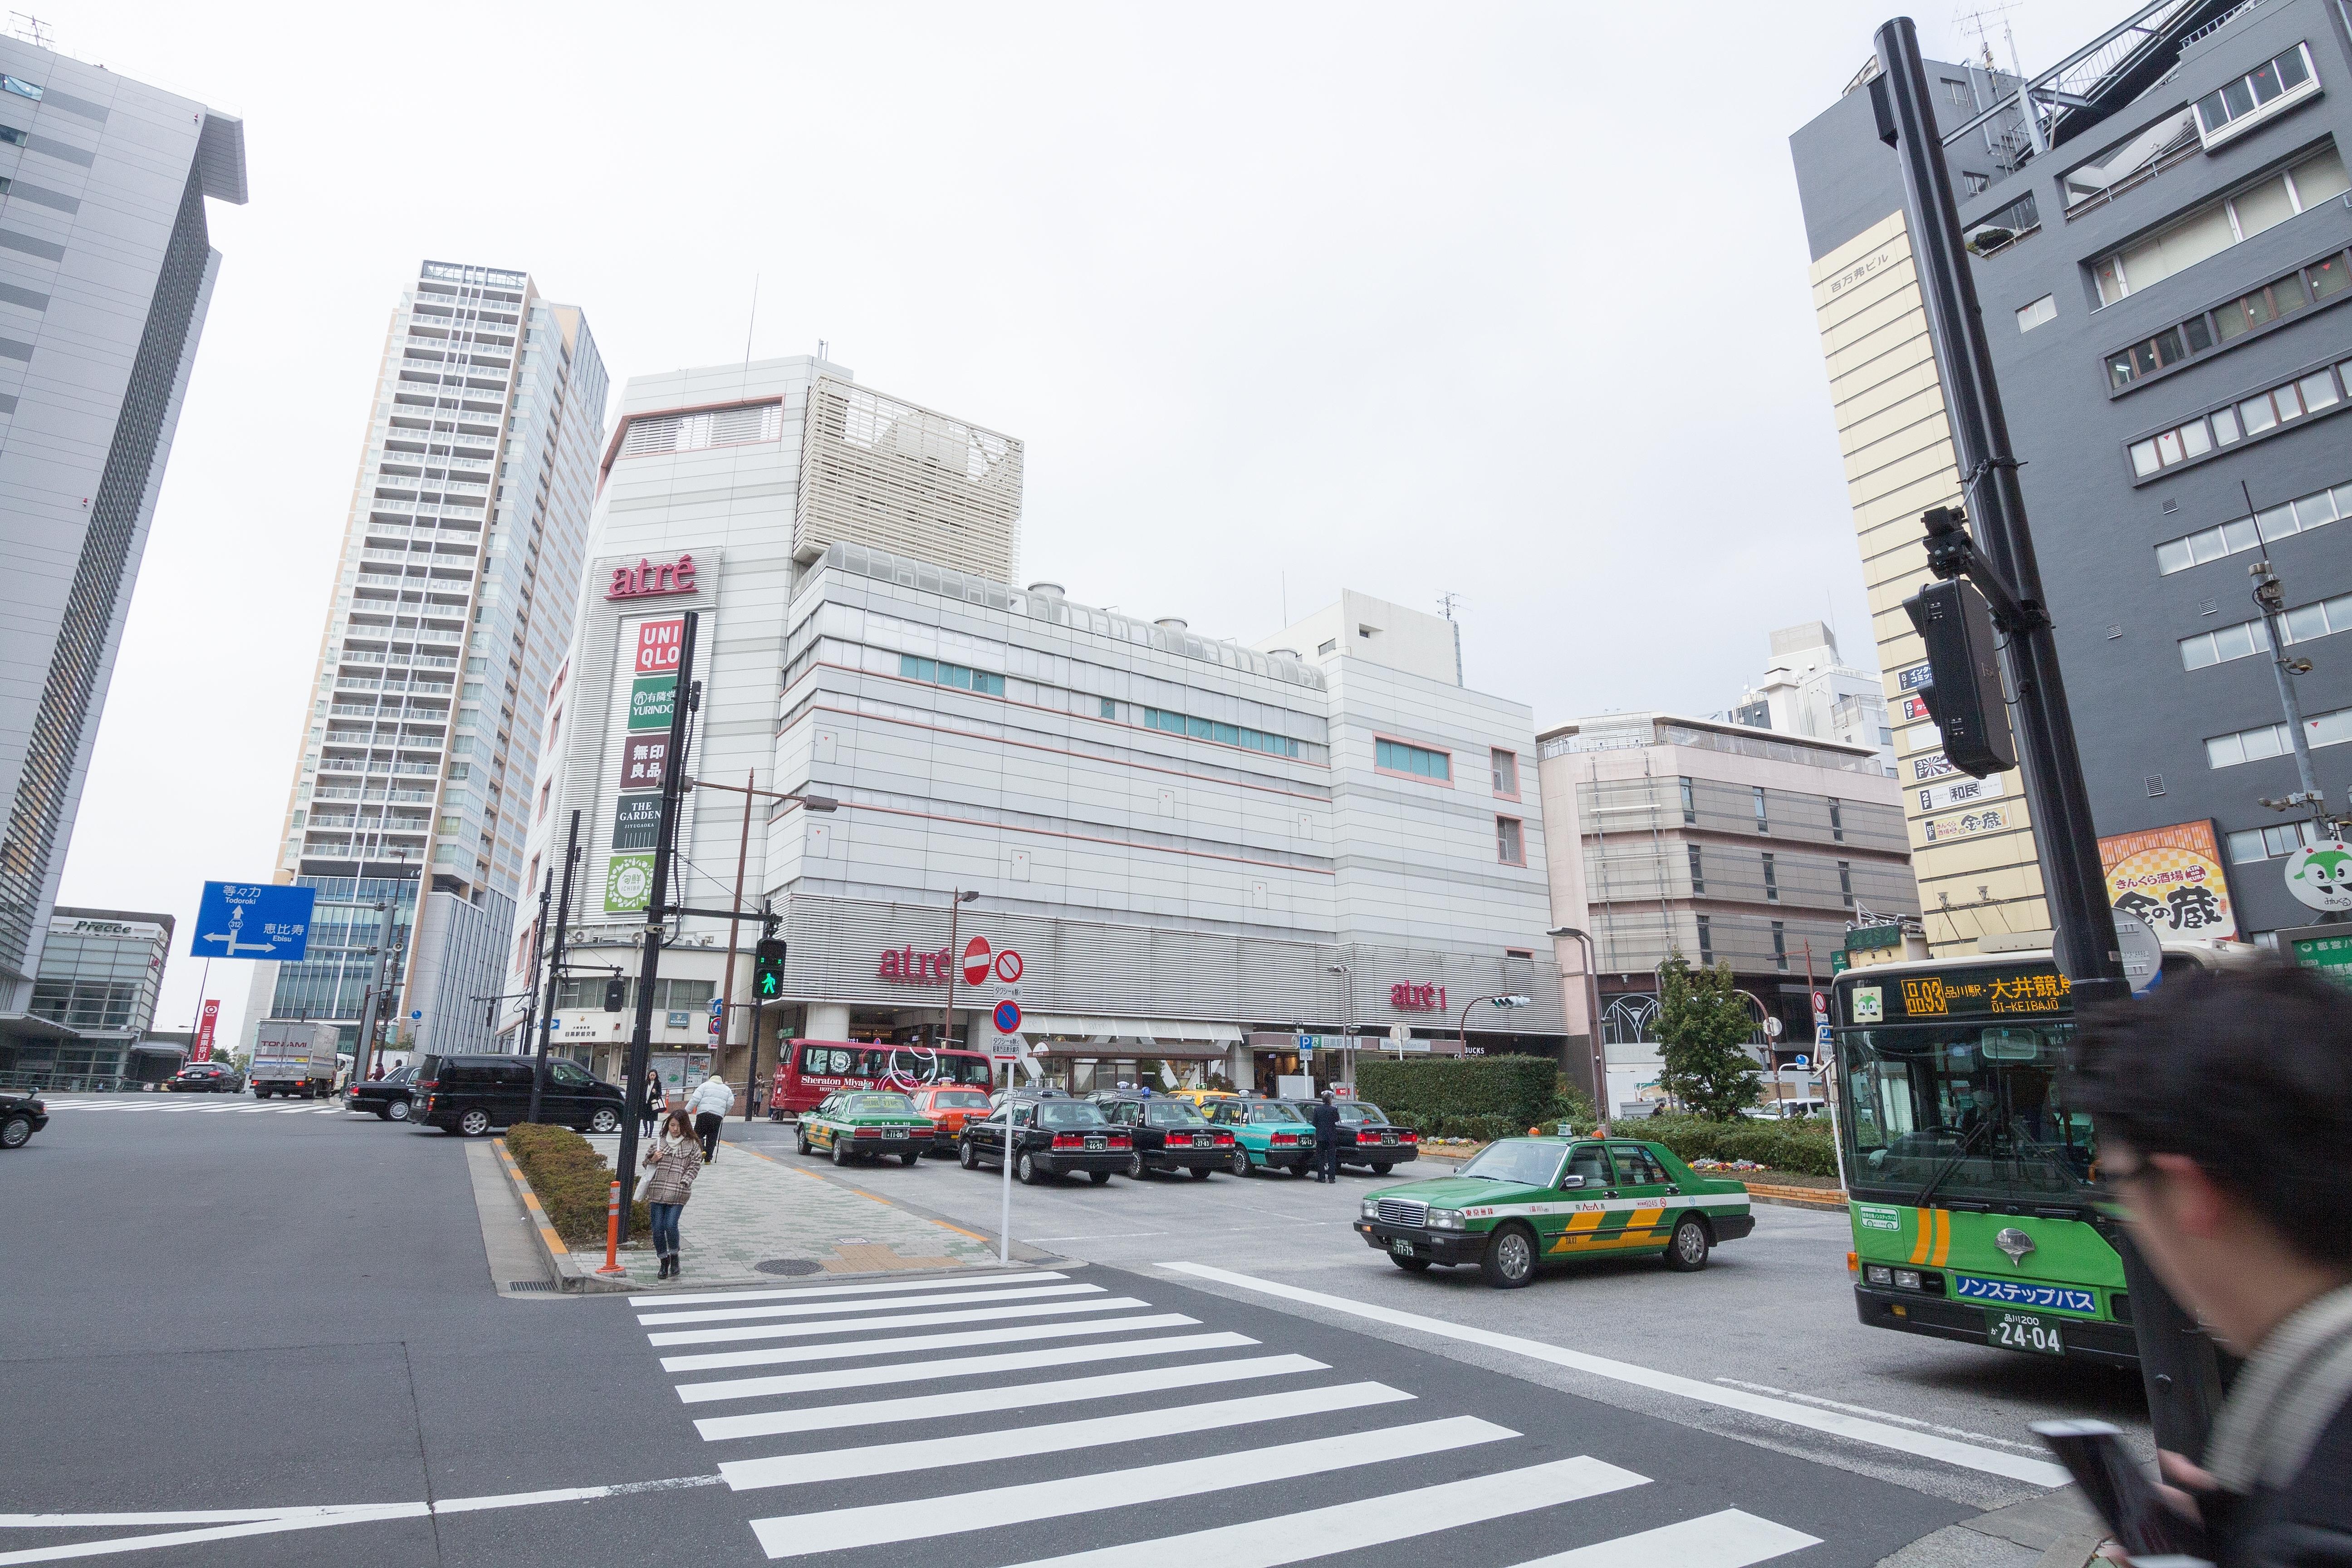 目黒駅前【I-01 目黒駅】